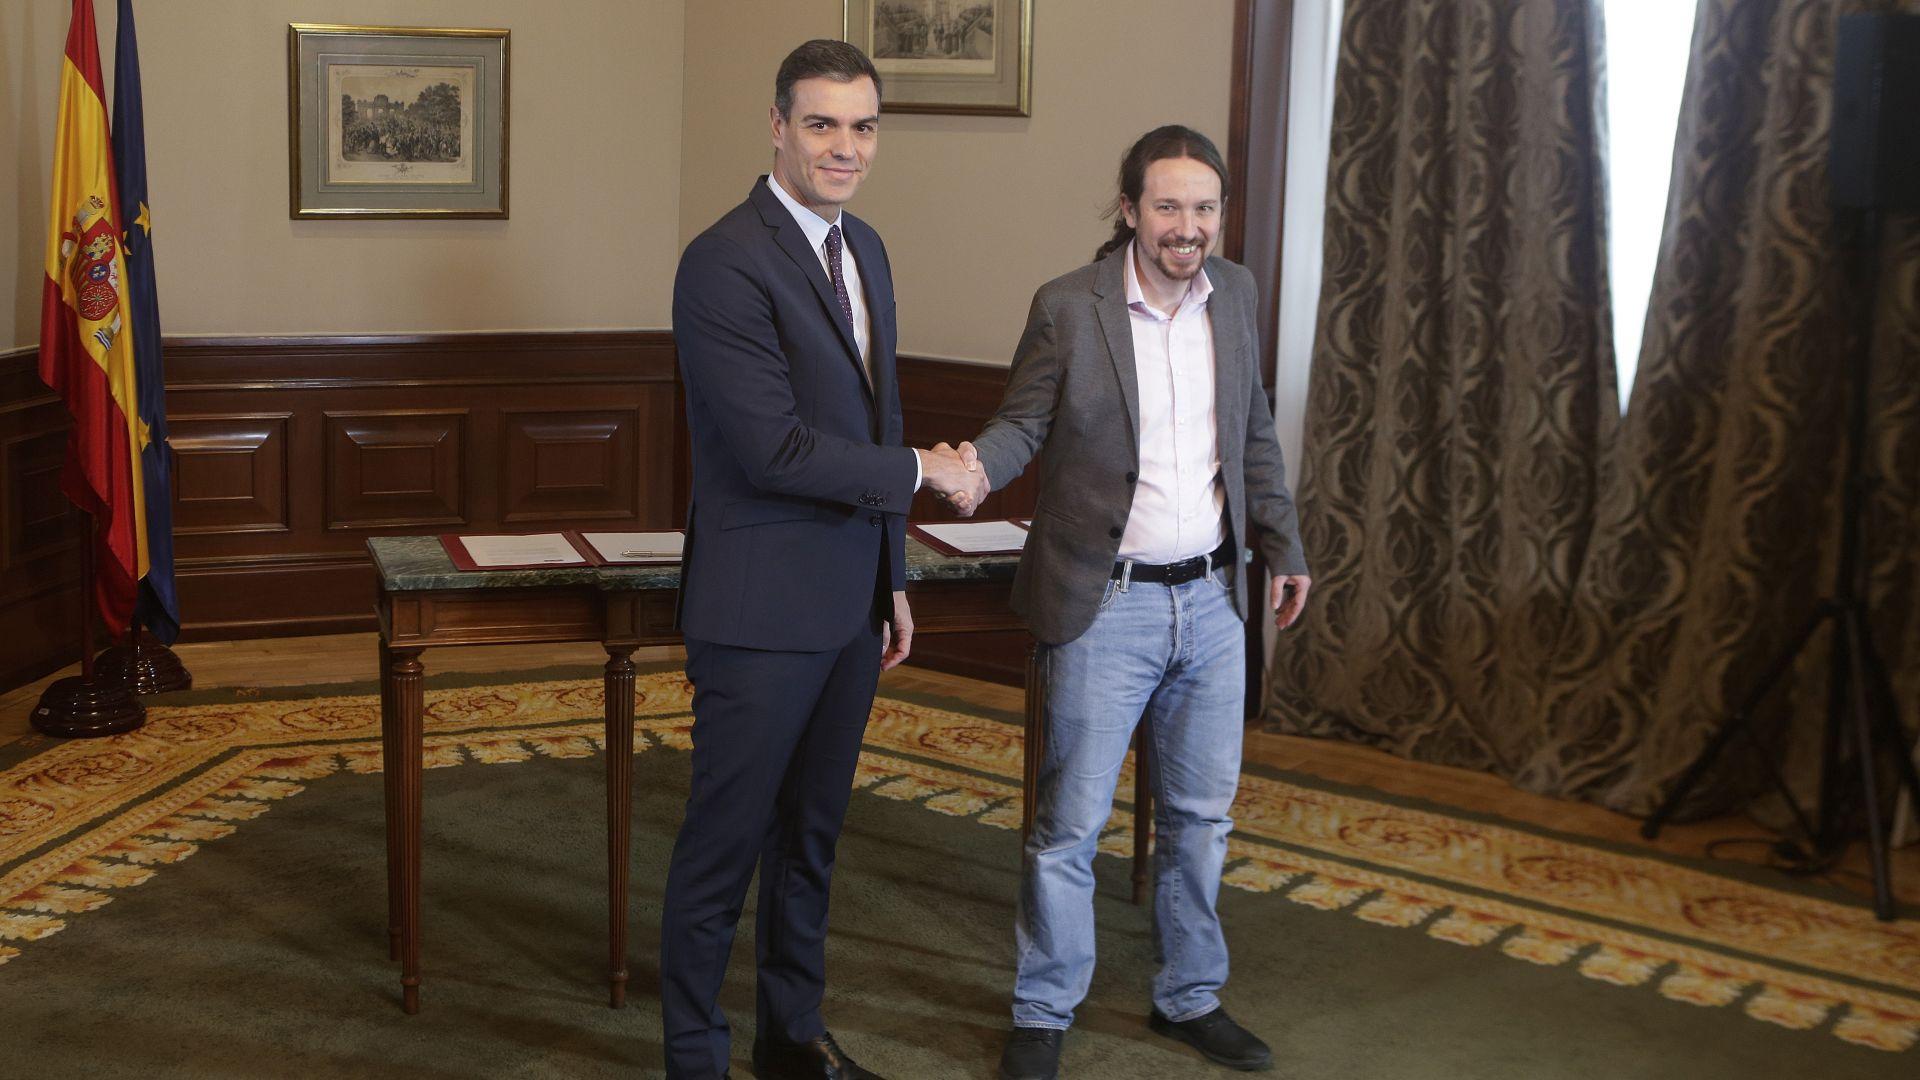 Испанската социалистическа работническа партия на досегашния премиер Педро Санчес и